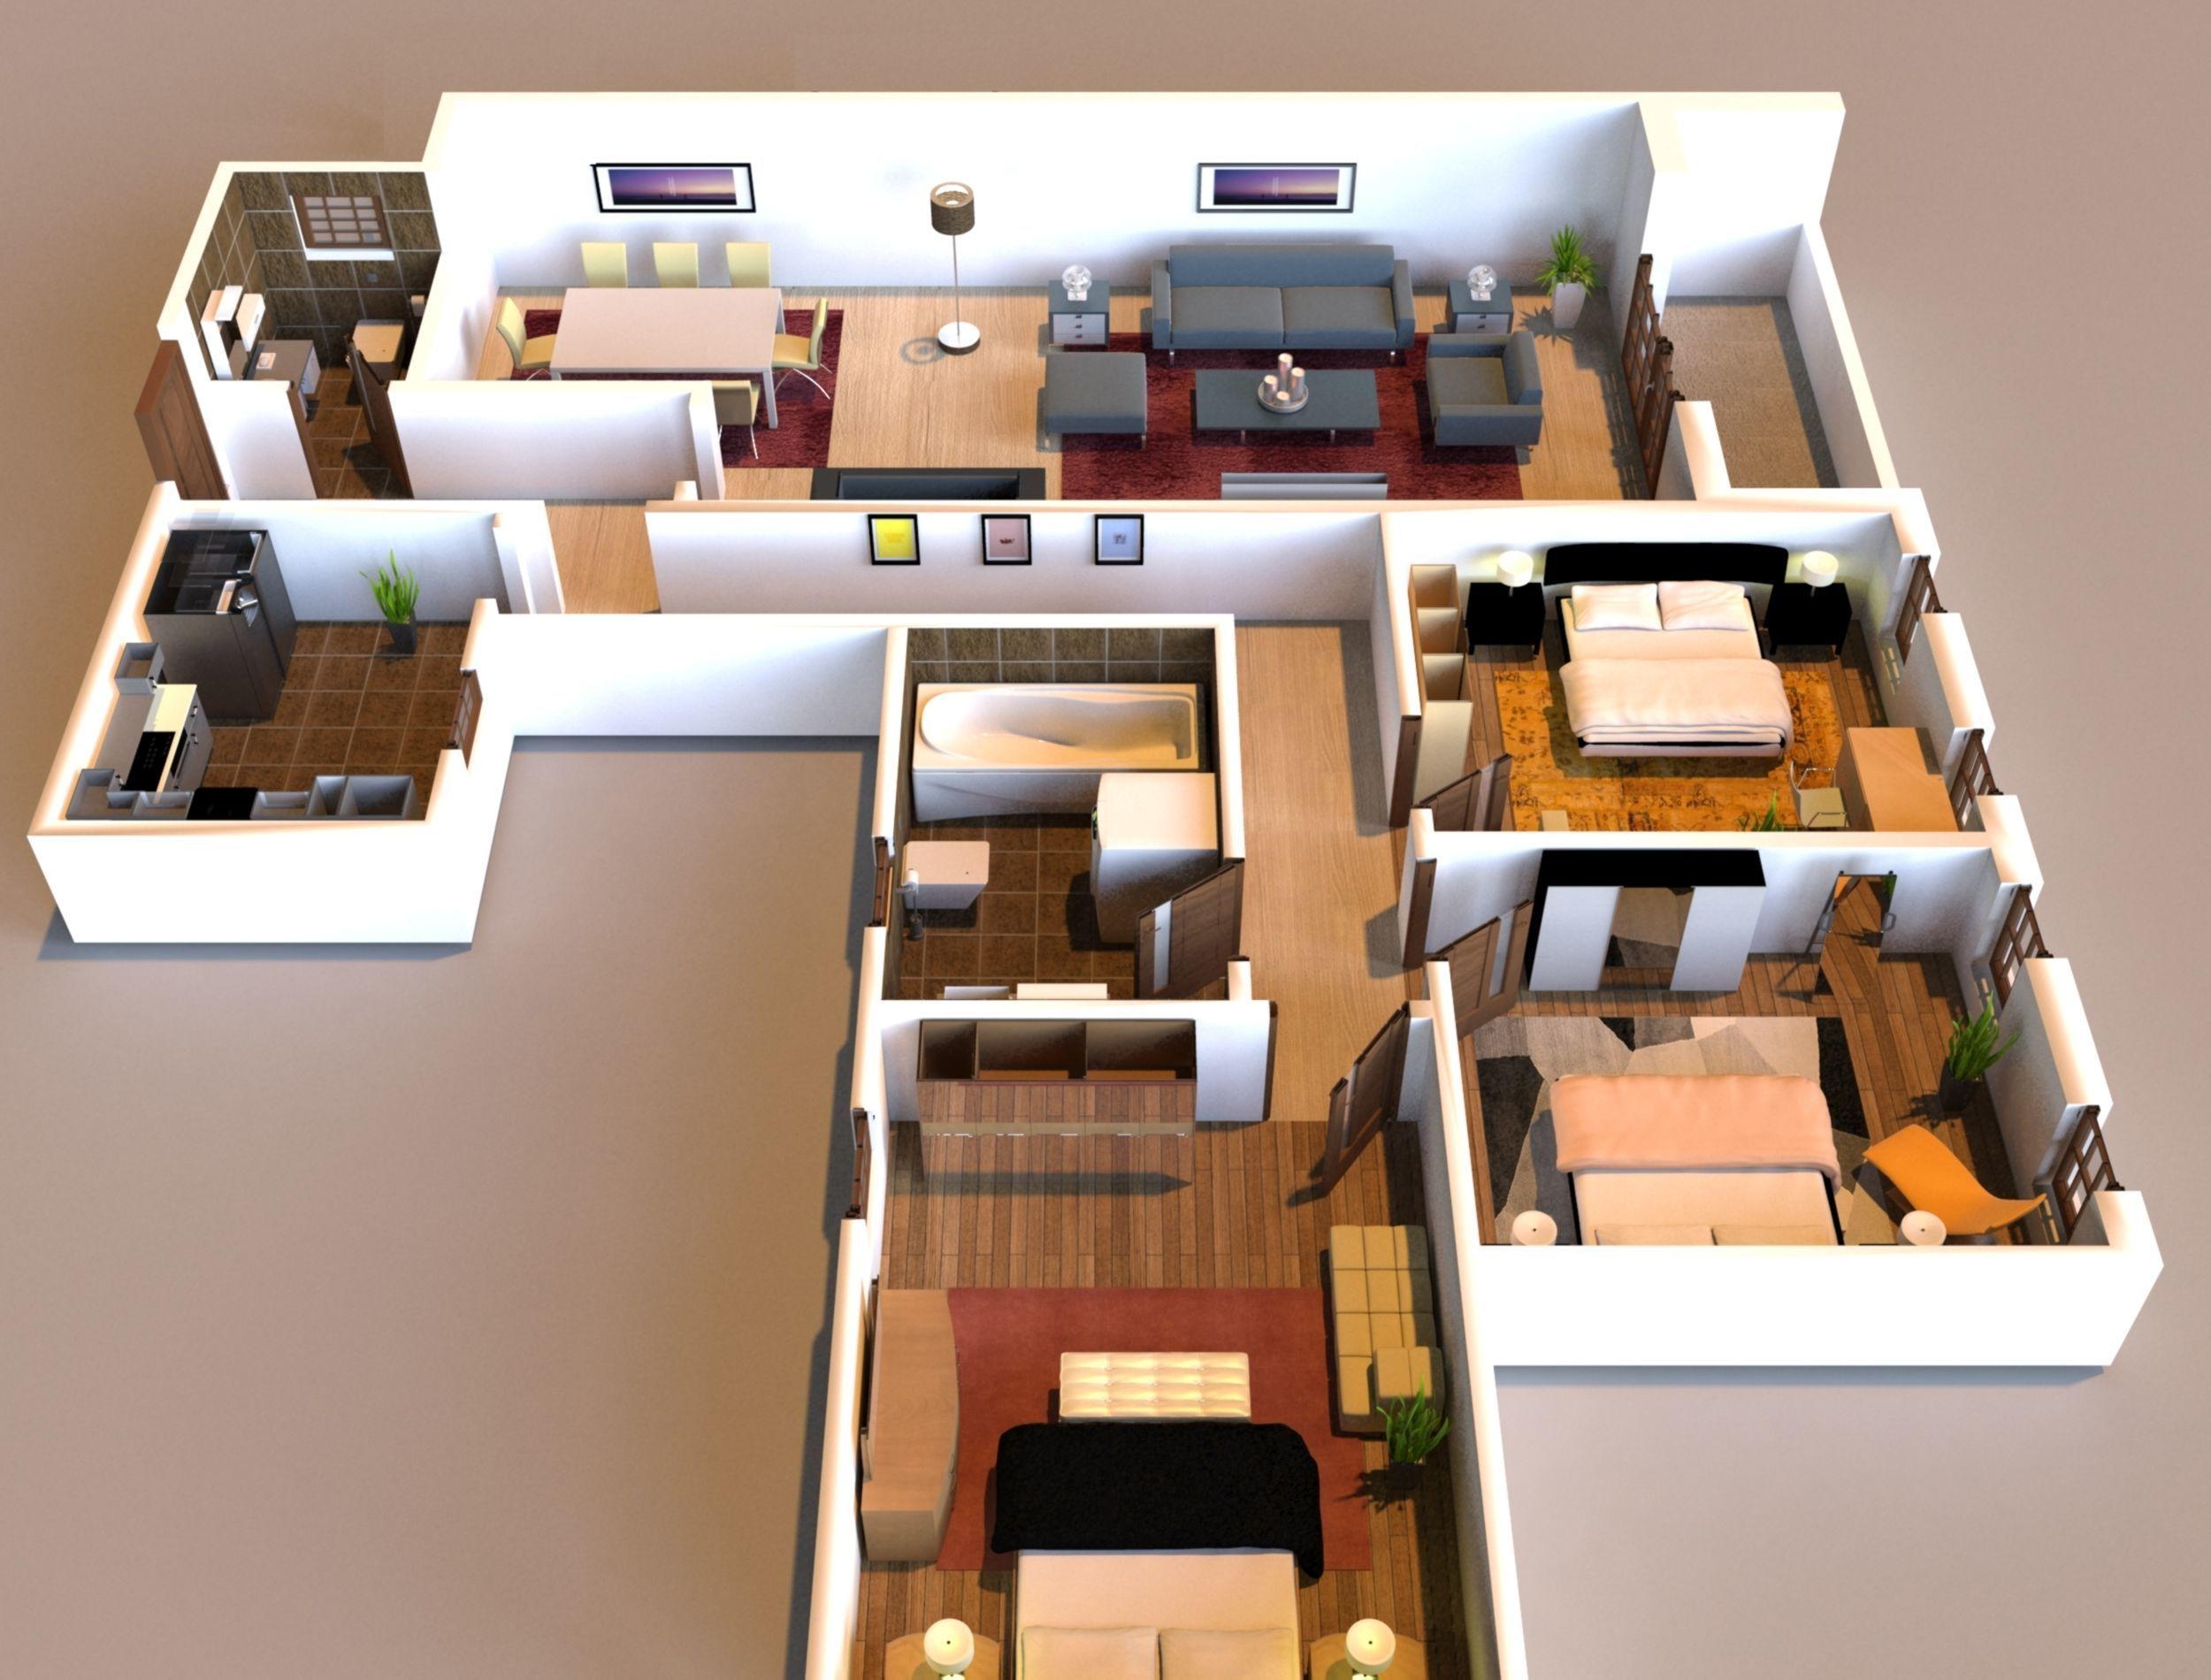 3d Interior Flat Design 3d Model